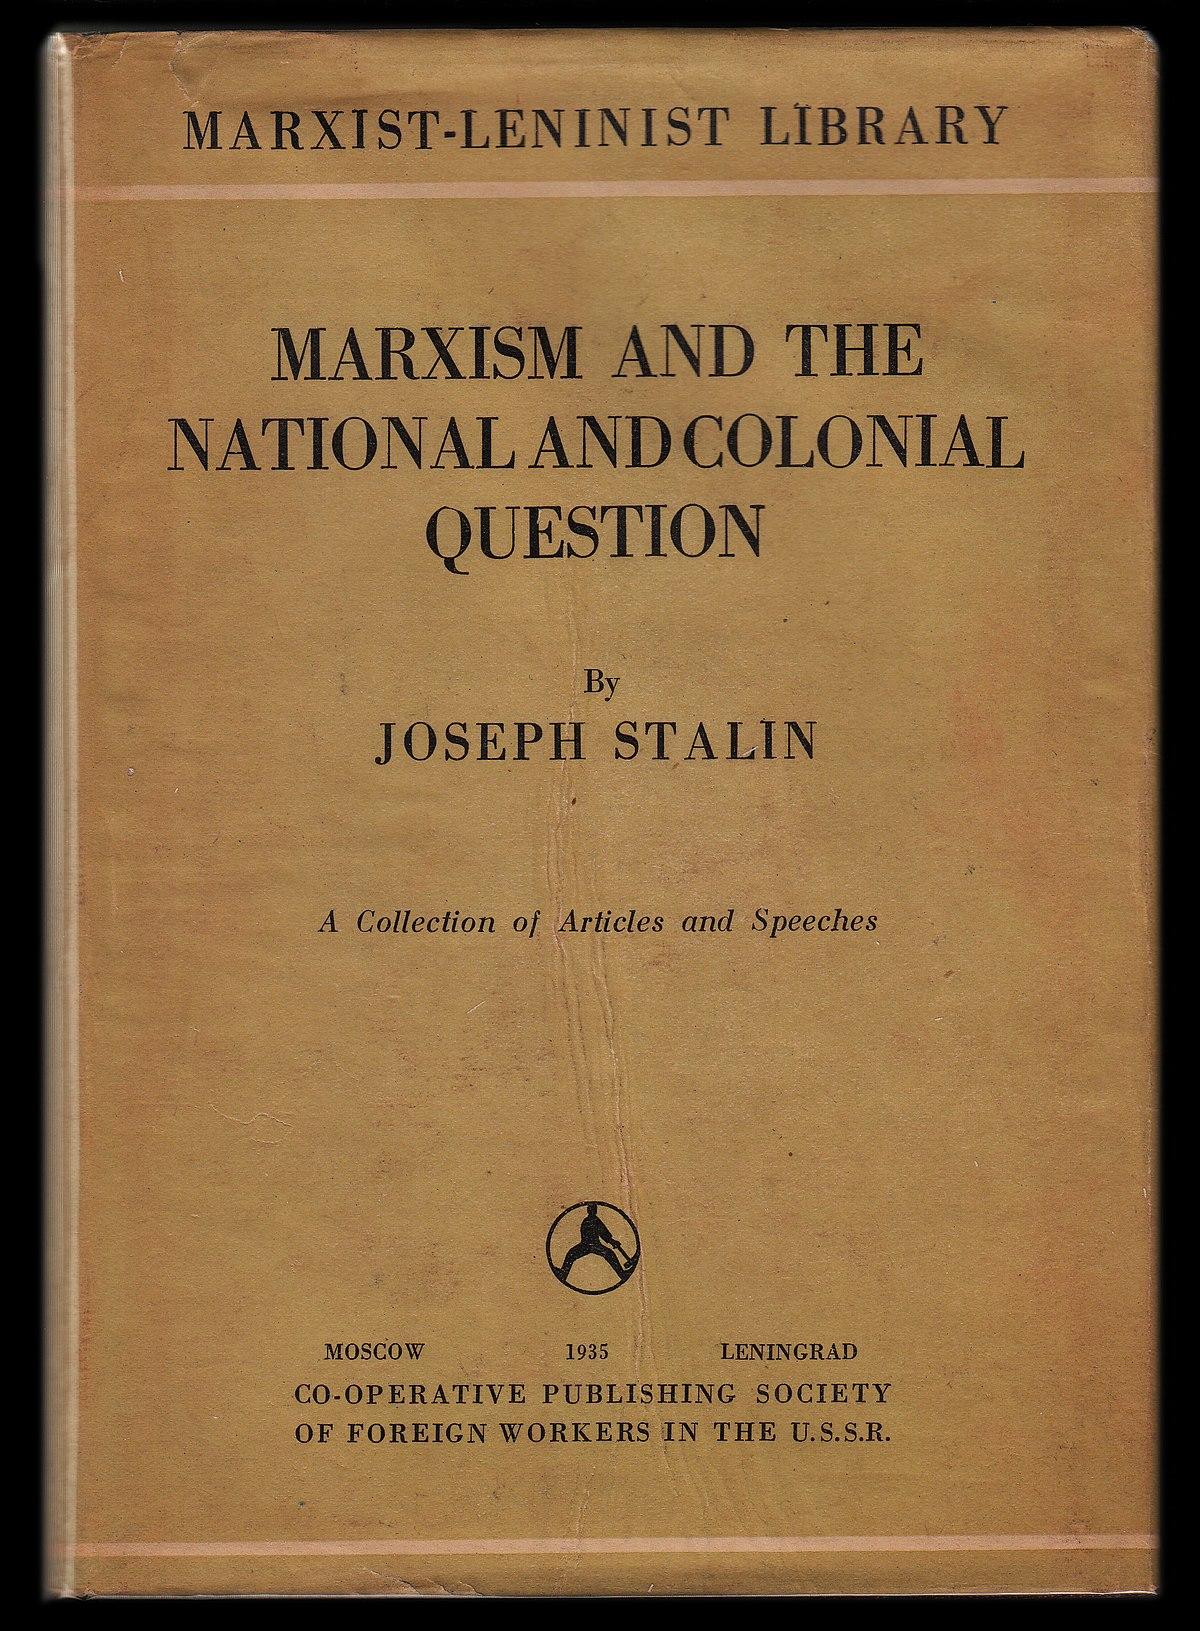 El marxismo y la cuestión nacional - Wikipedia, la